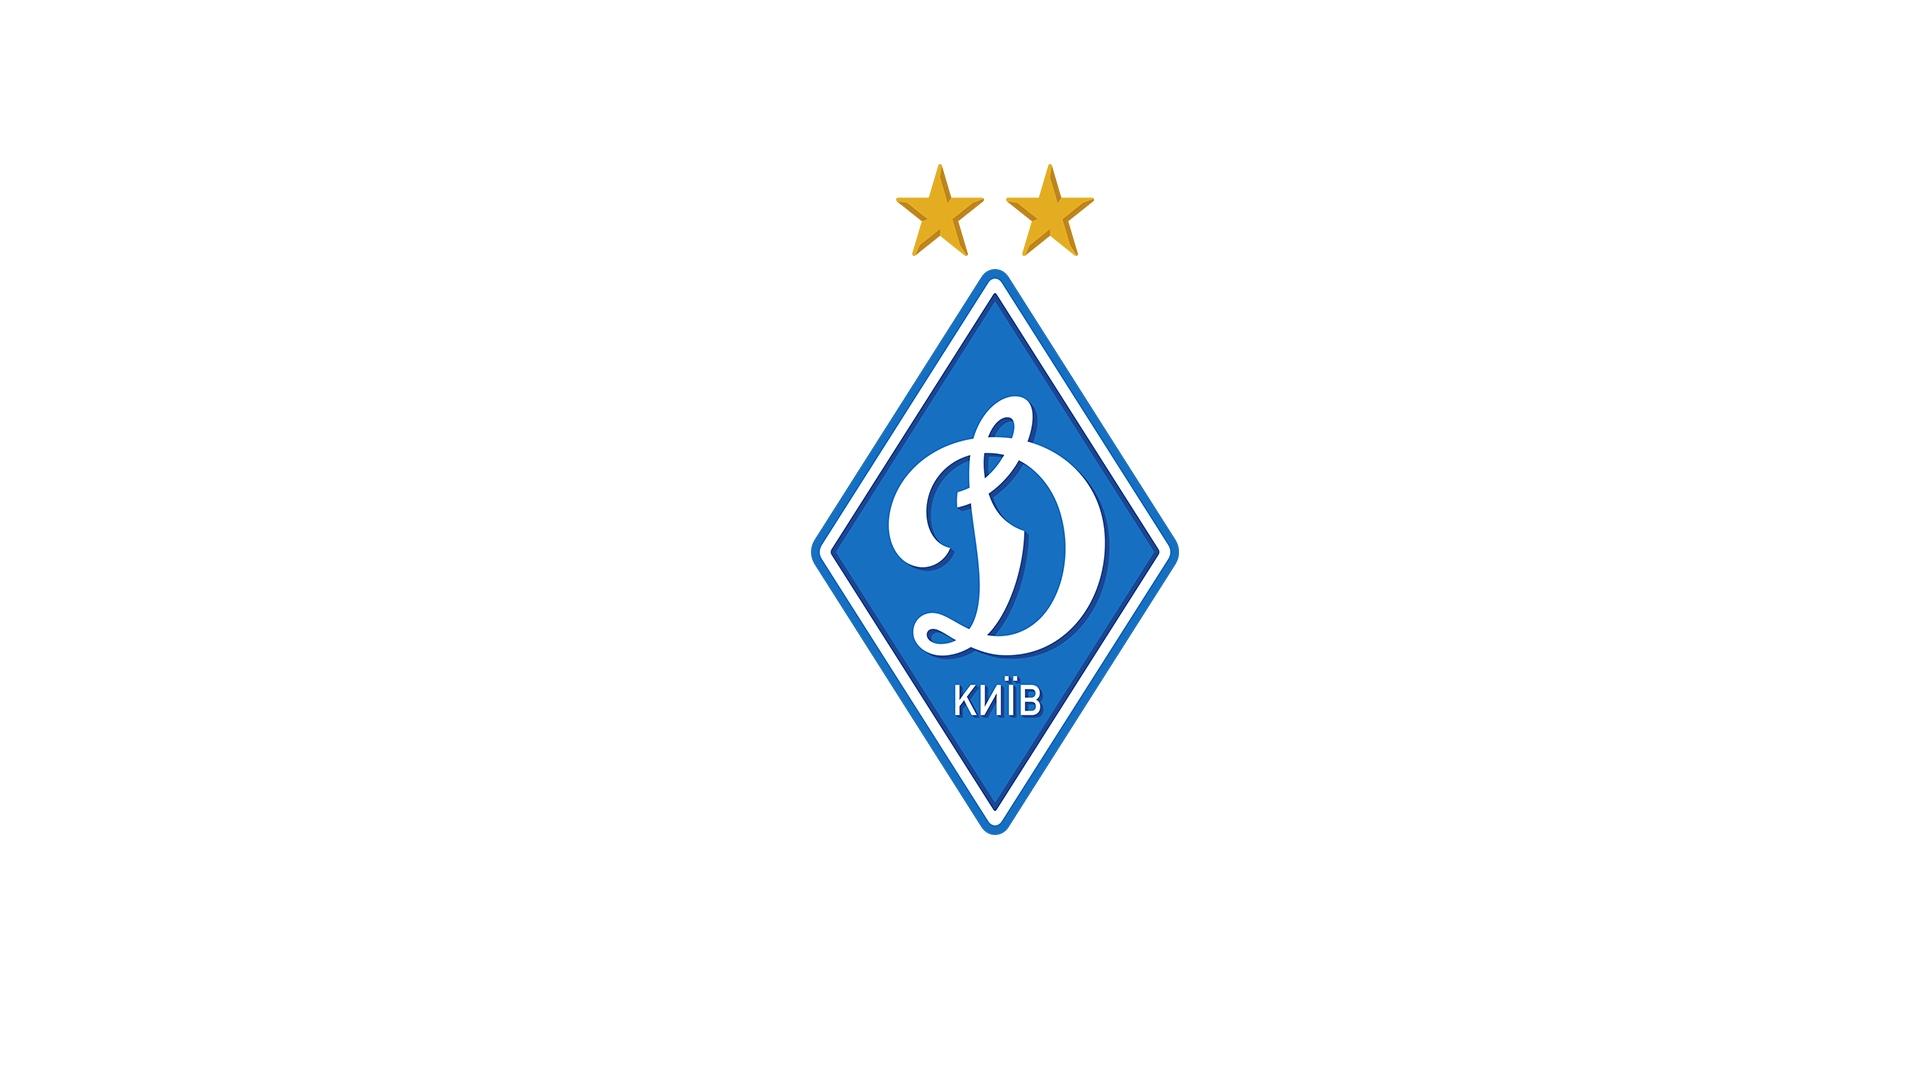 基辅迪纳摩行将在下周的欧冠小组赛与巴萨交